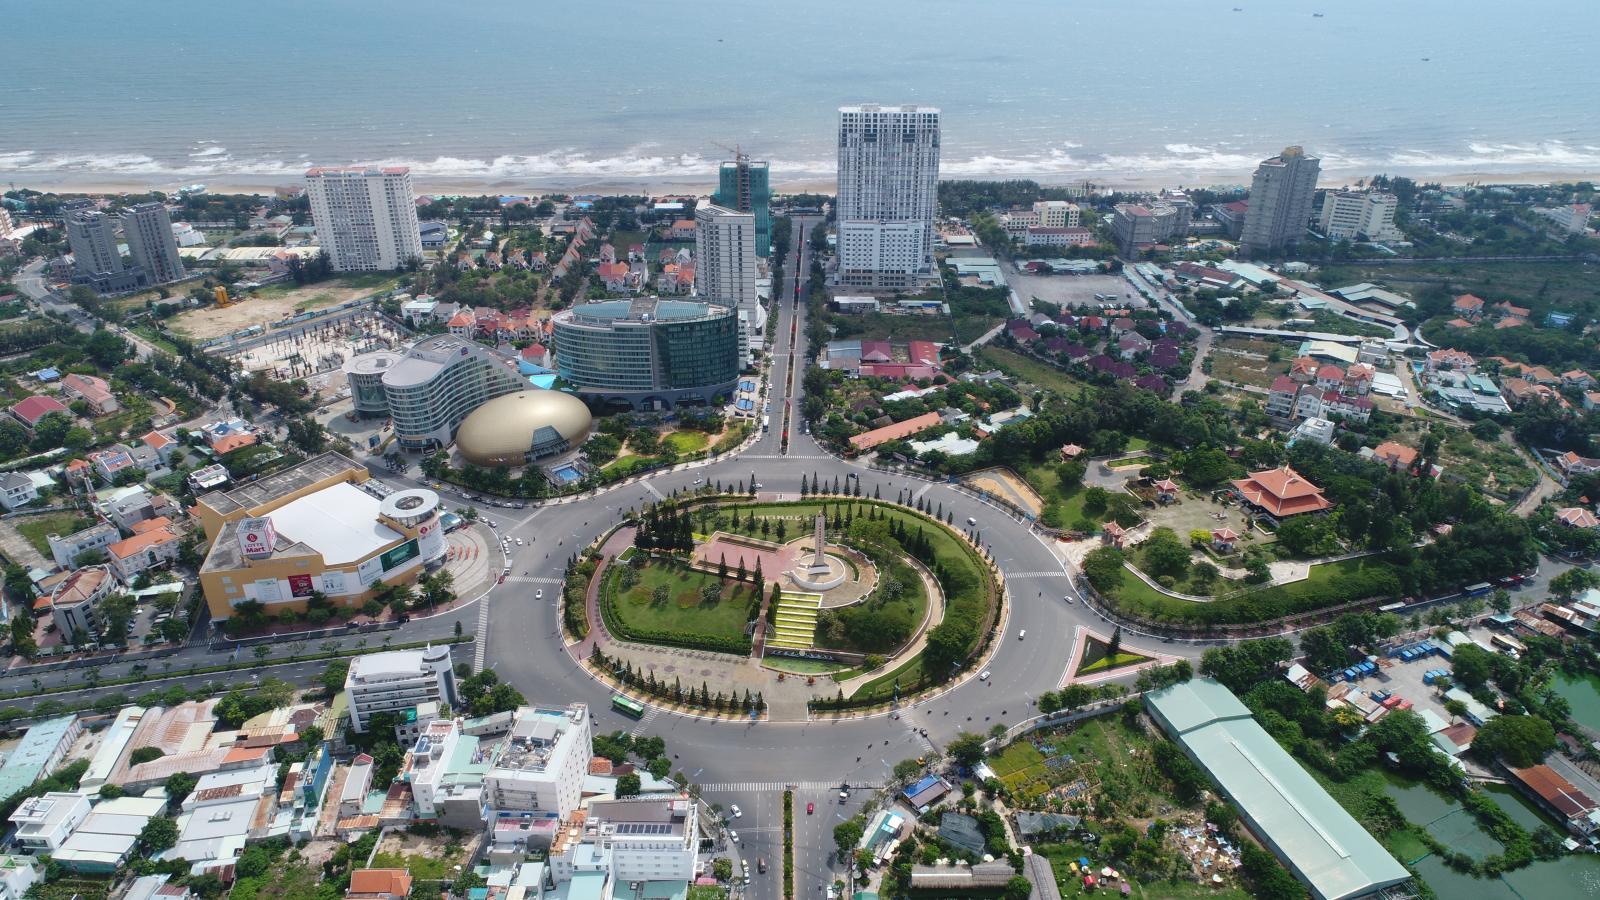 Ảnh chụp một góc thành phố Vũng Tàu từ trên cao với nhiều công trình nhà ở, vòng xoay giao thông và các con đường